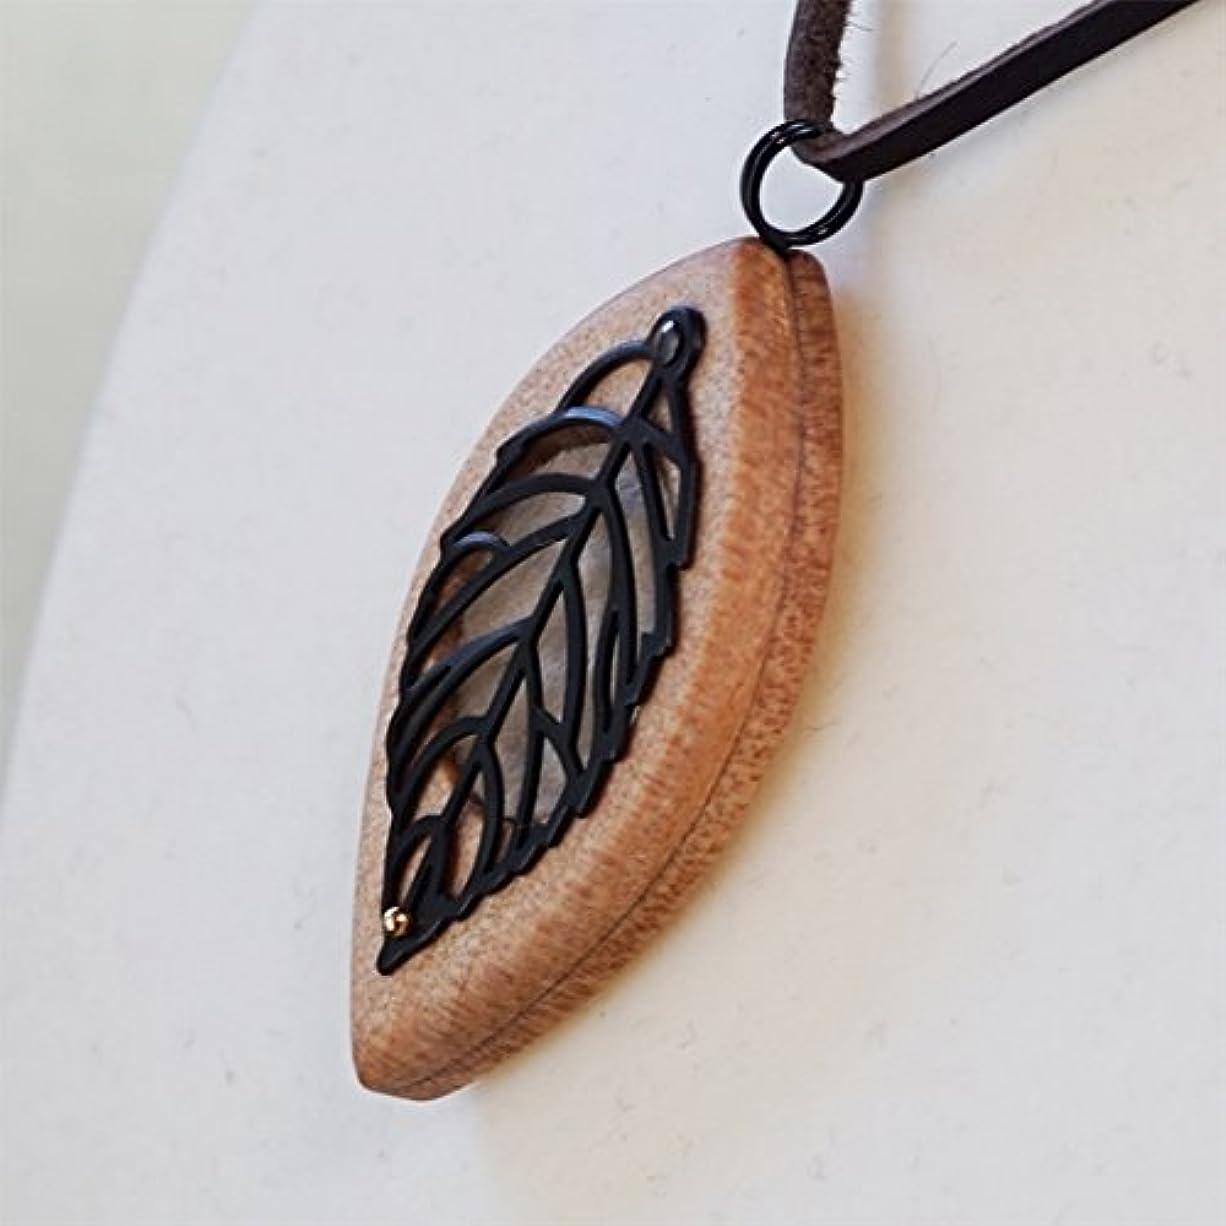 早熟ナラーバーアミューズ木製オリジナルアロマペンダント 【天使の小瓶】 木の葉(ブラック)